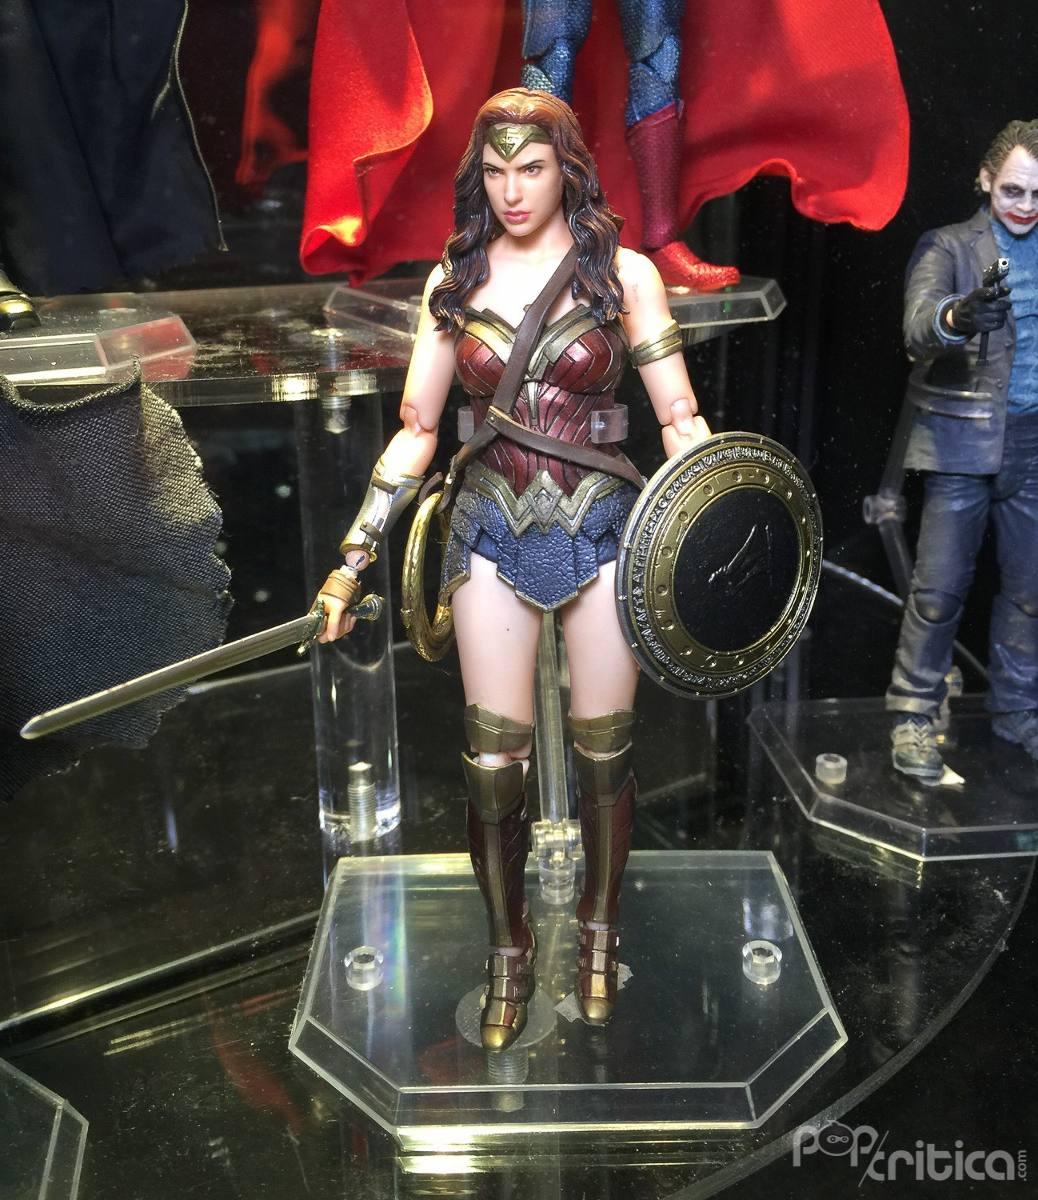 [Comentários] DC Comics S.H. Figuarts - Página 2 Wonder-woman-mulher-maravilha-medicom-mafex-batman-superman-D_NQ_NP_537025-MLB25359401754_022017-F